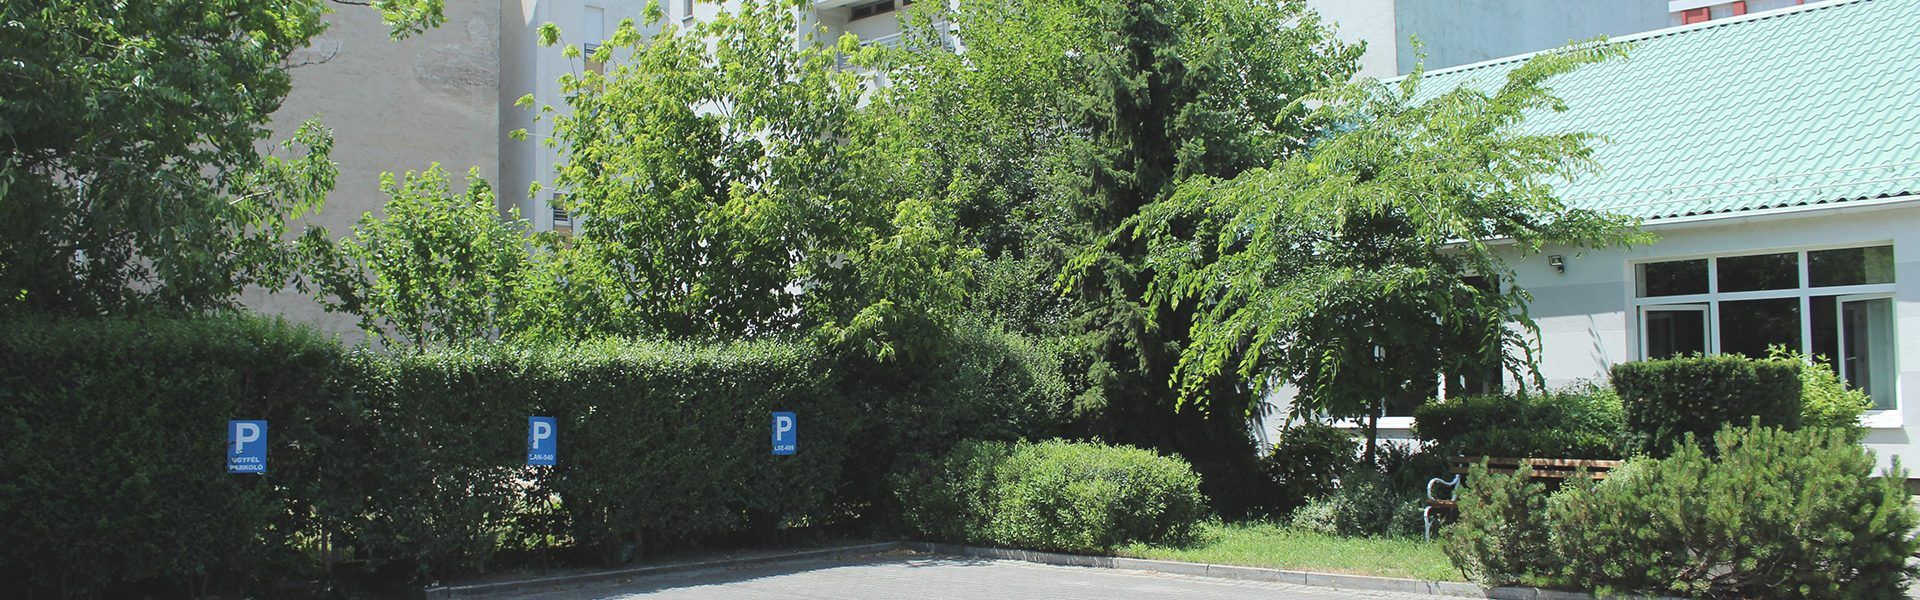 Dover Kft parkolási lehetőség